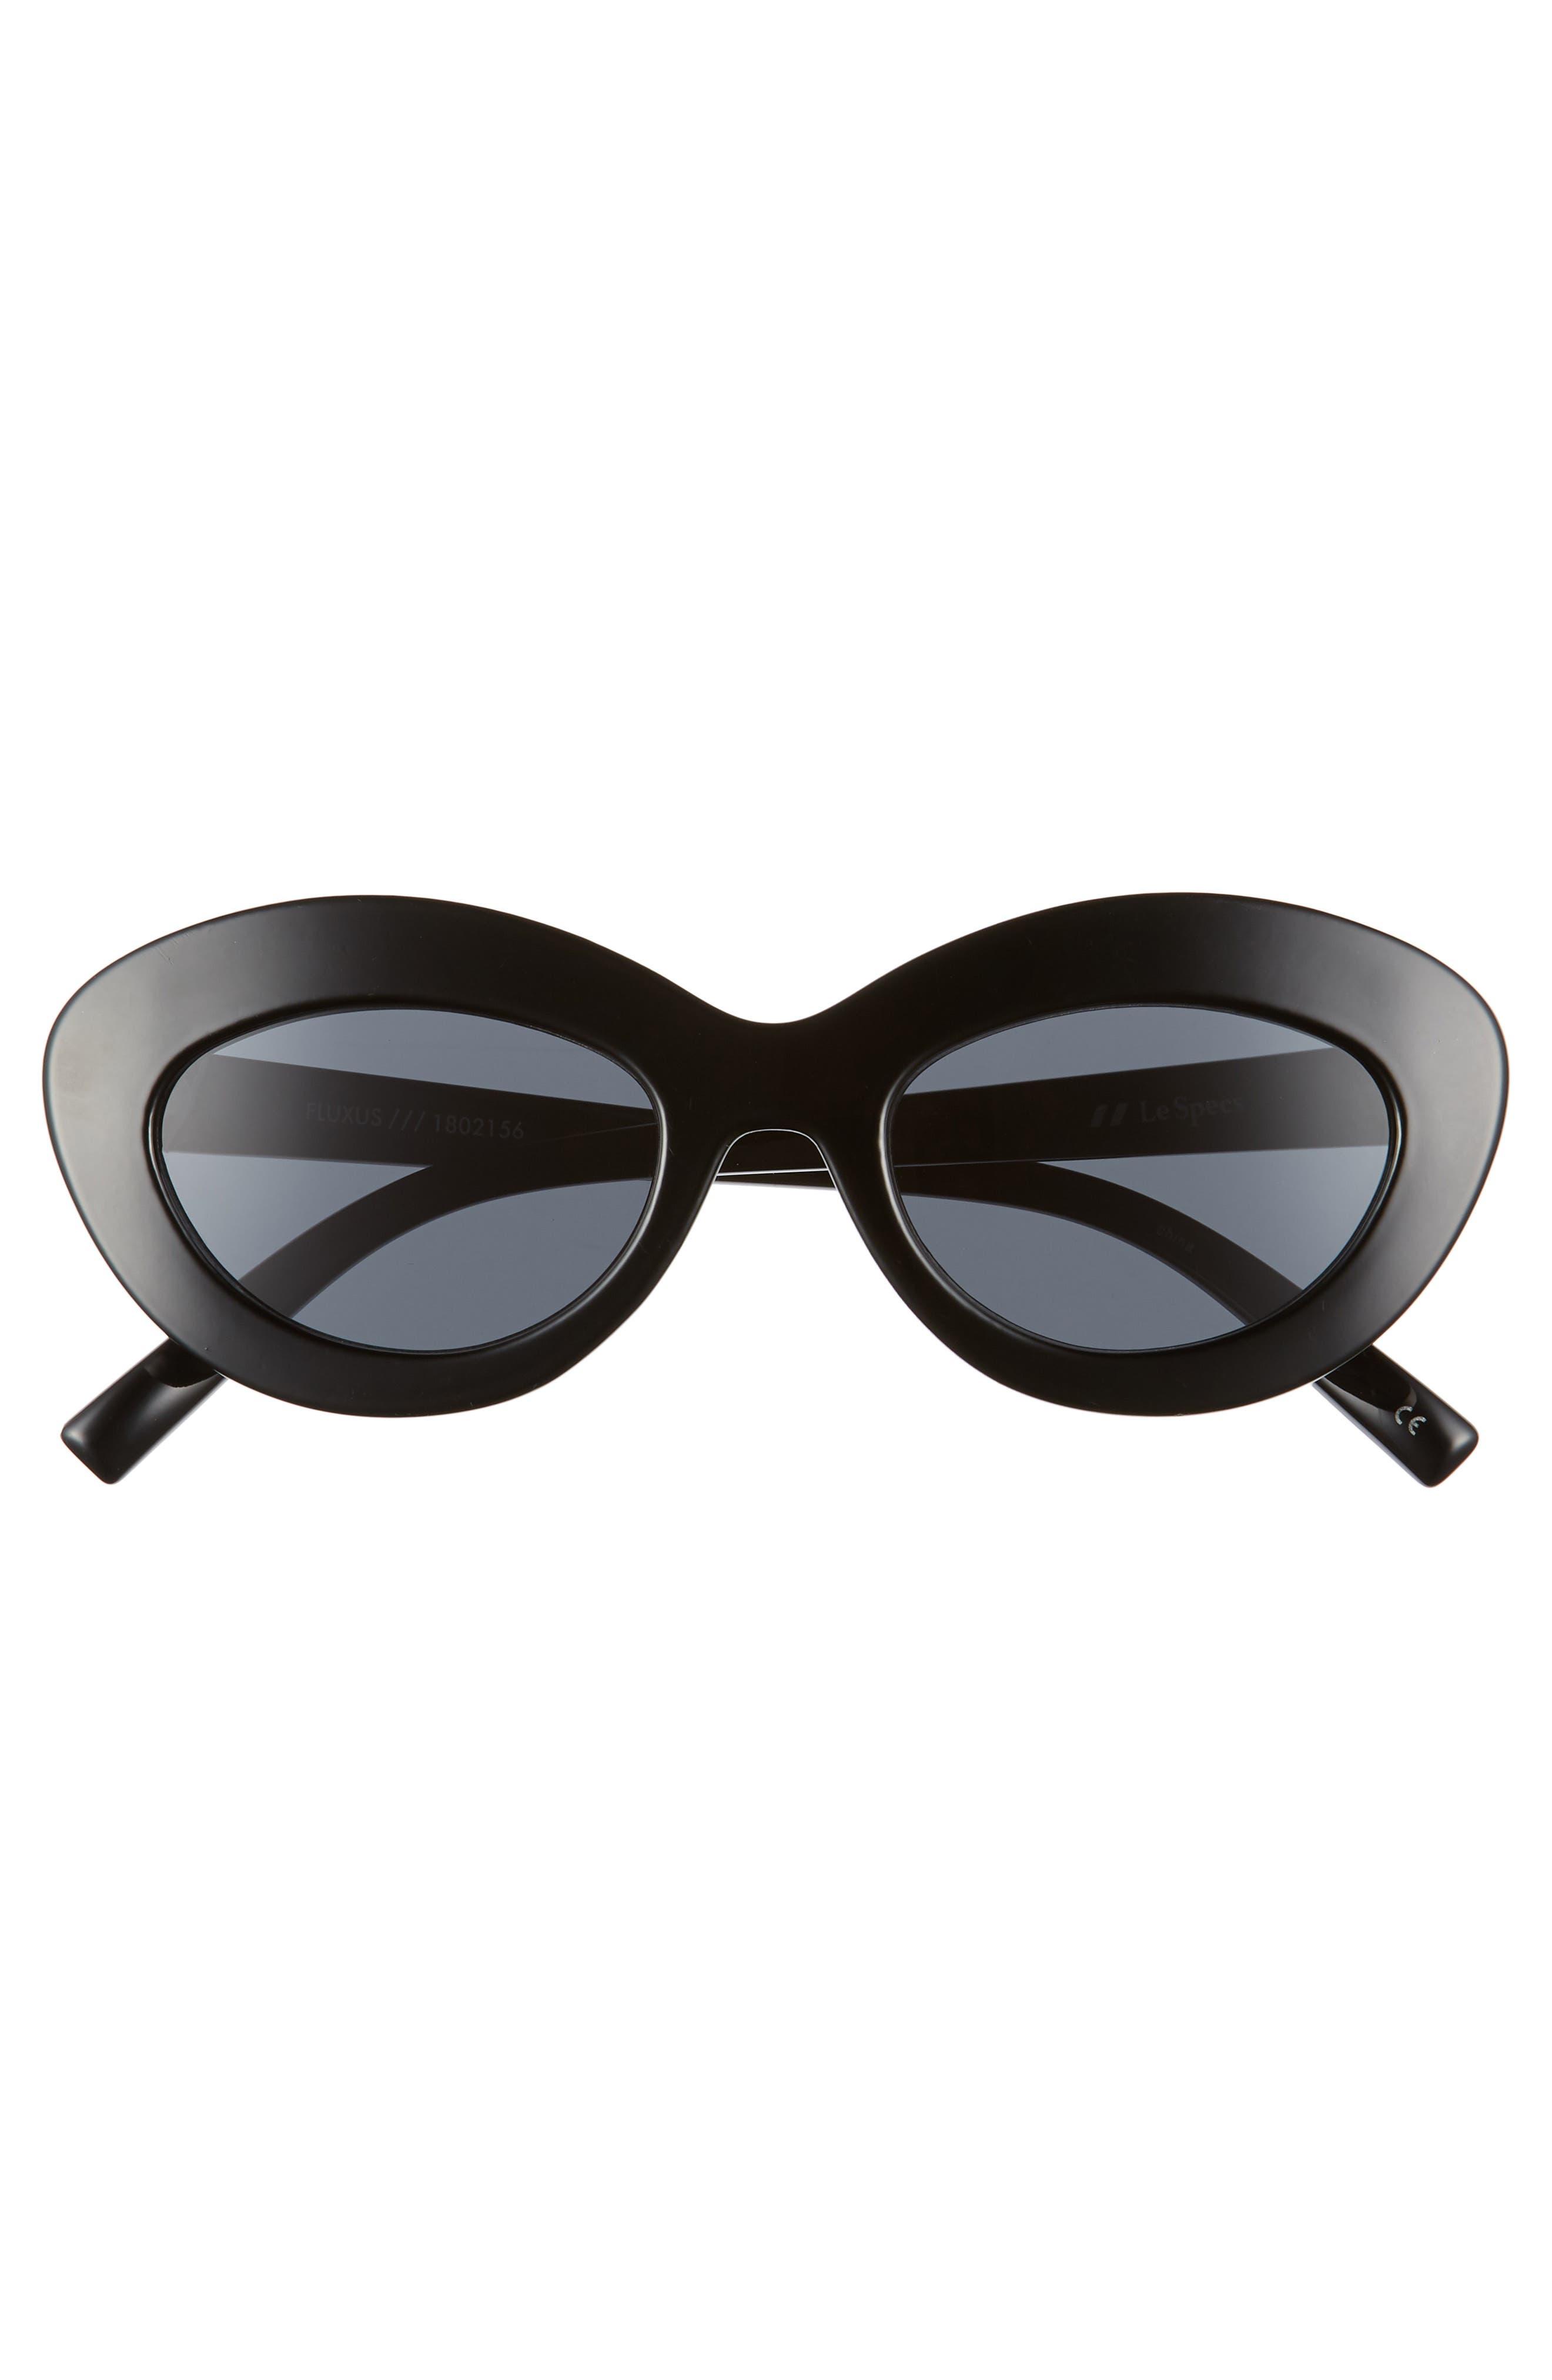 Fluxus 48mm Cat Eye Sunglasses,                             Alternate thumbnail 3, color,                             BLACK